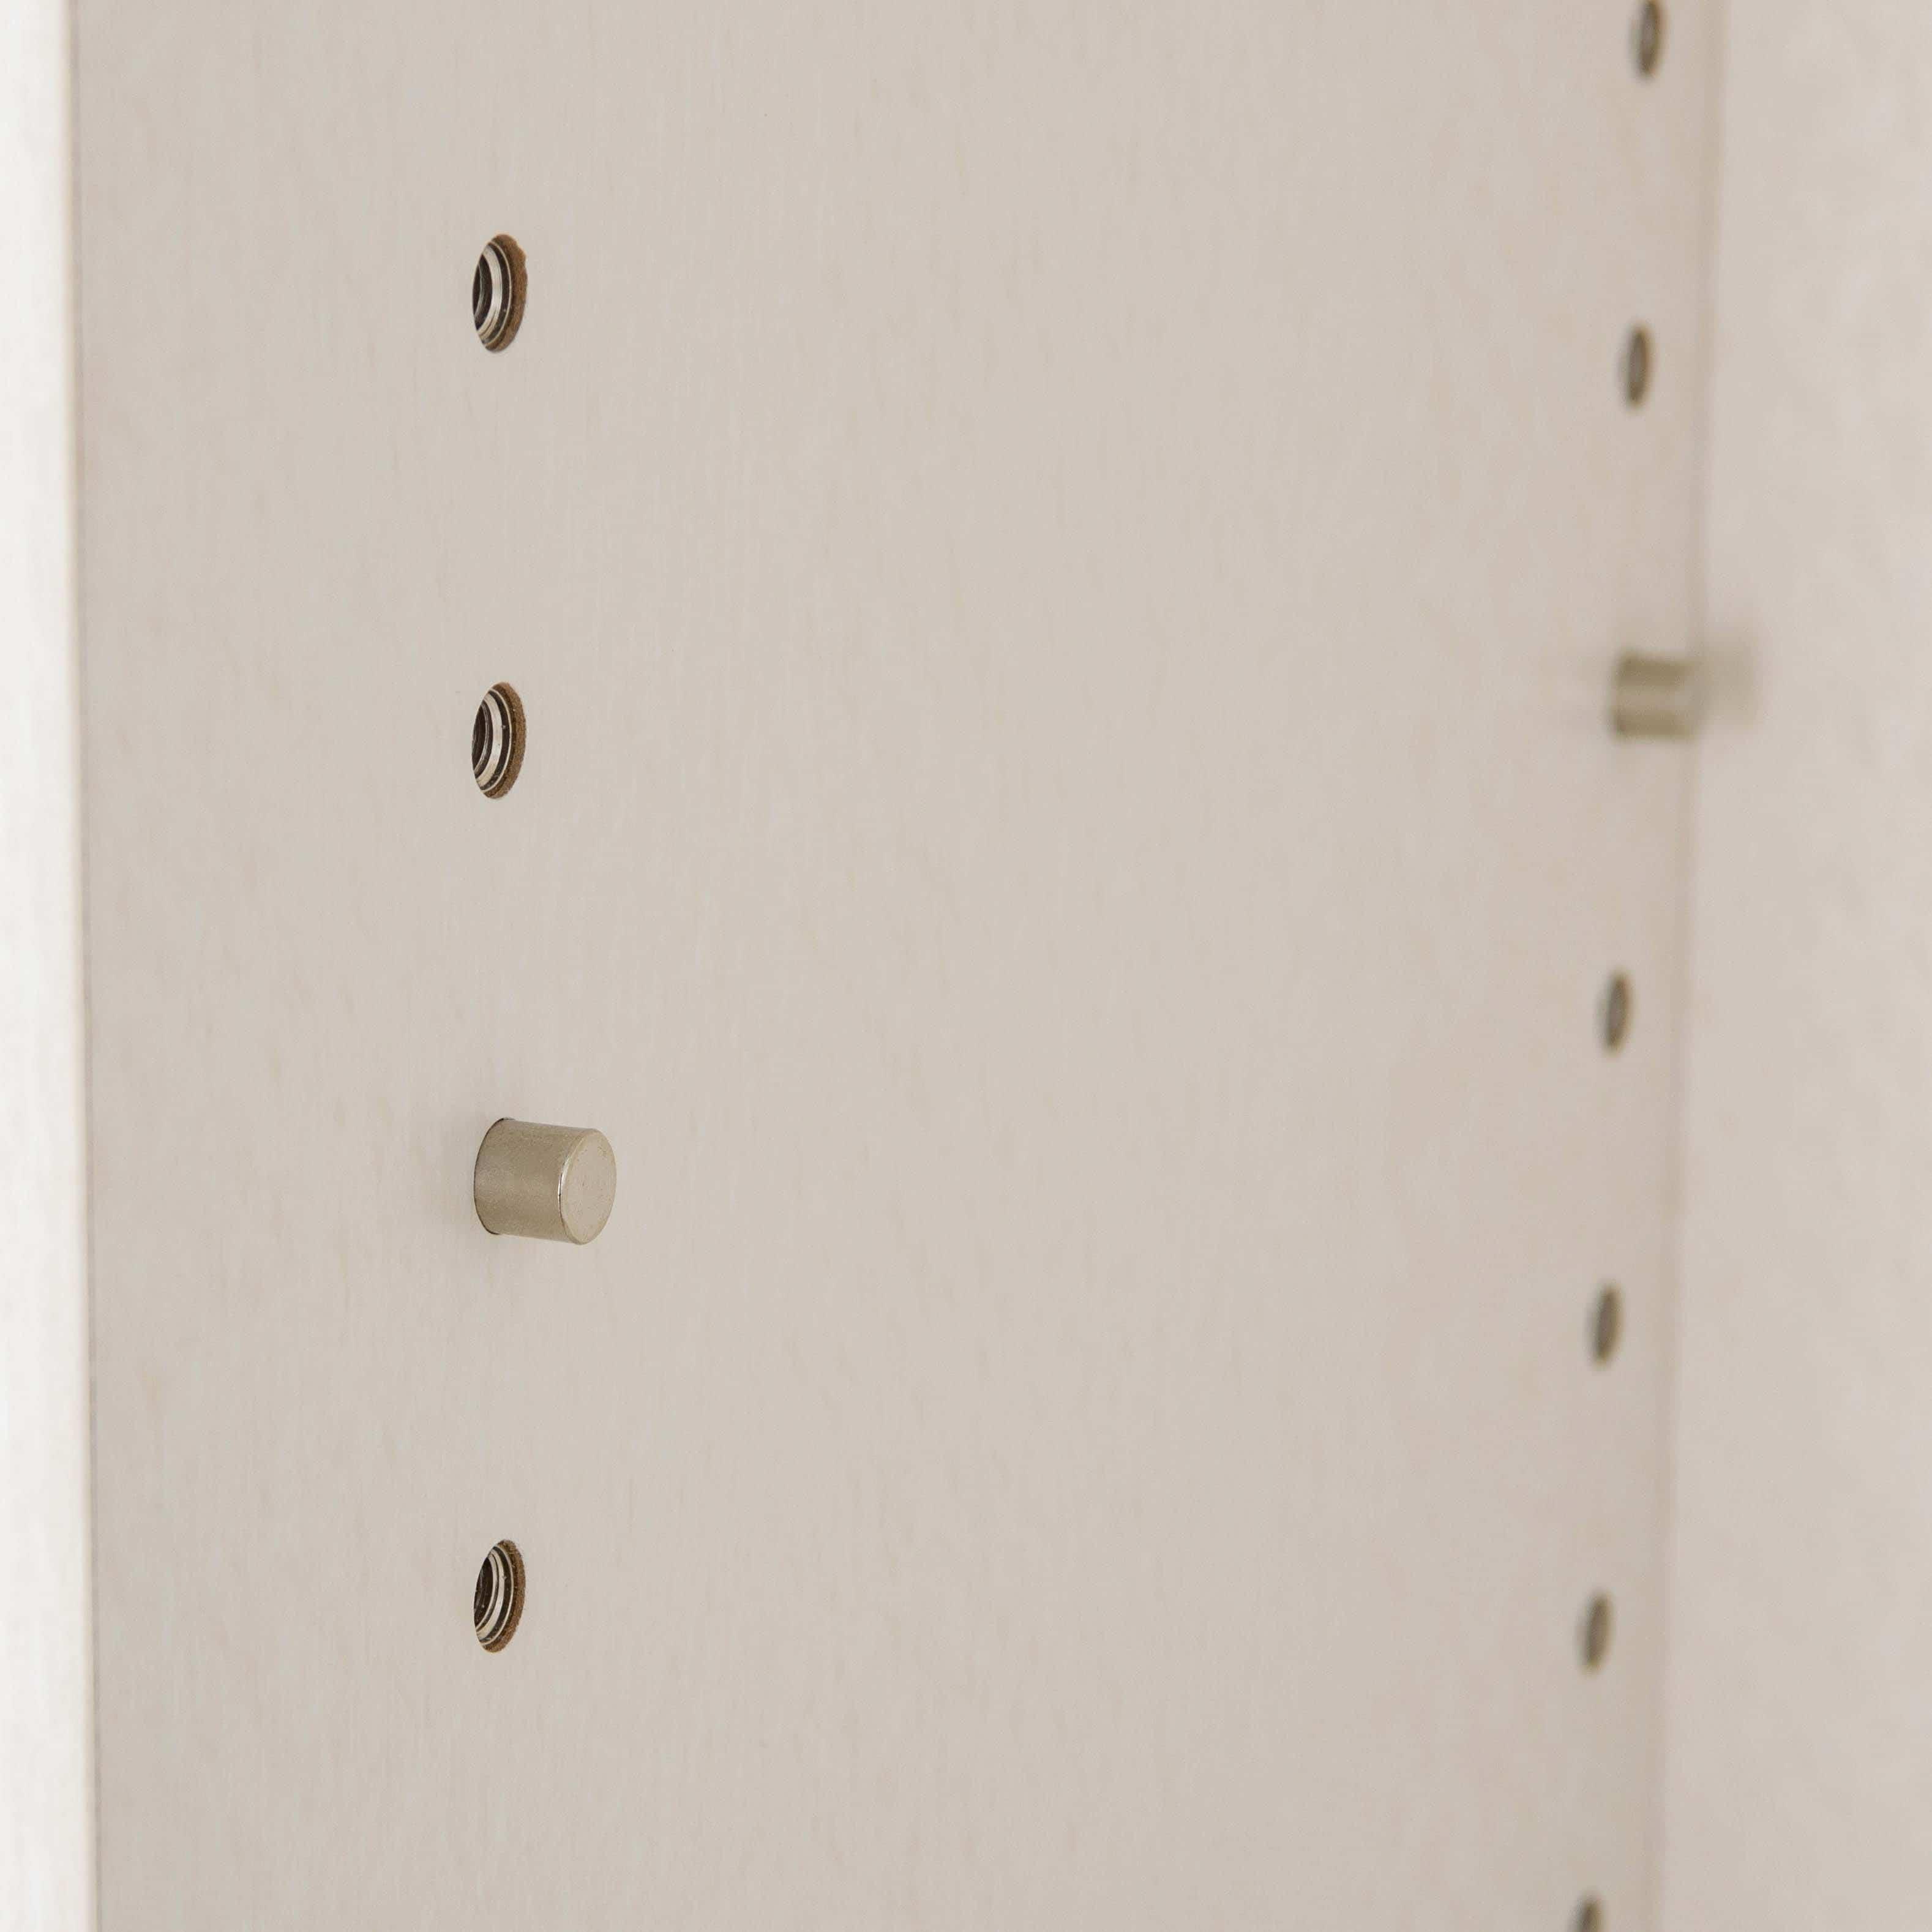 小島工芸 書棚 アコード85H(ホワイト):キレイに収まる魅せる収納